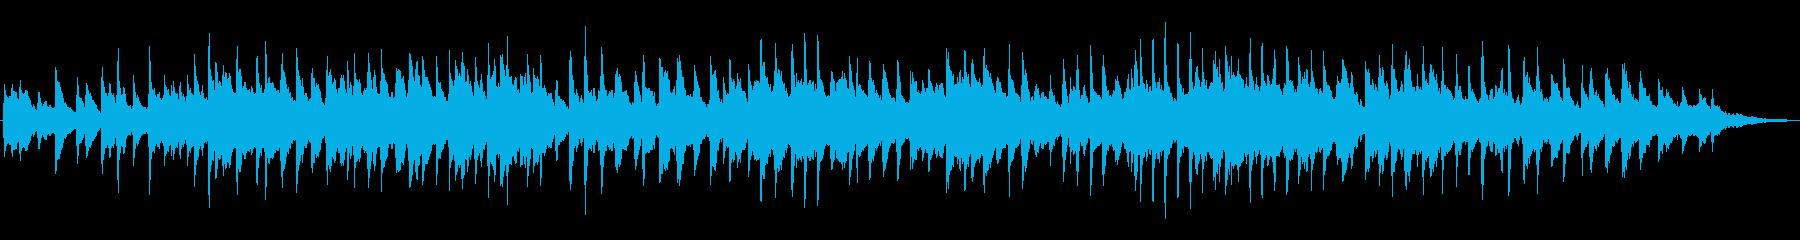 「ふるさと」洗練した落ち着いたピアノソロの再生済みの波形